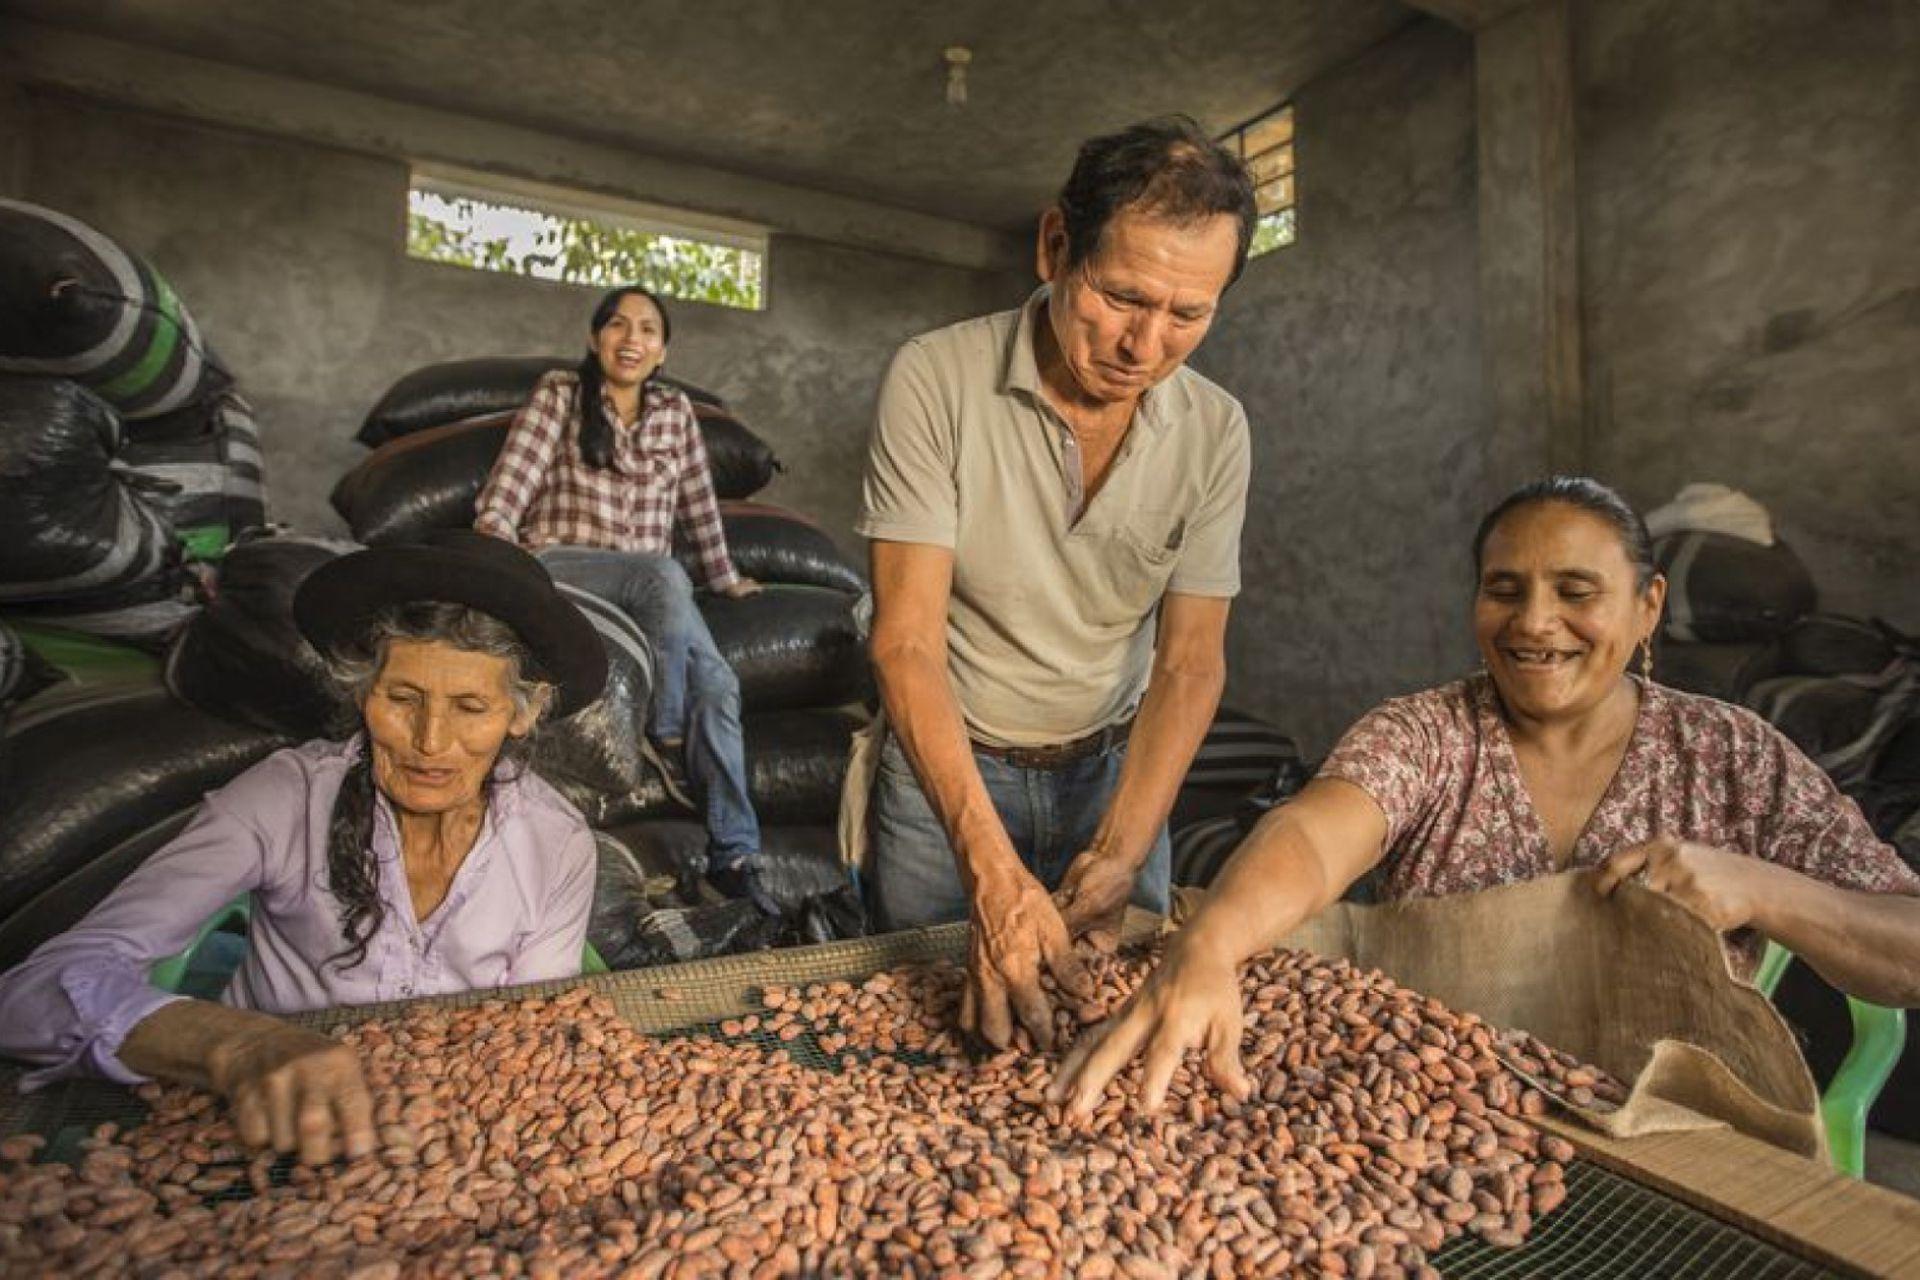 La alegría de llevar adelante una empresa que da trabajo a los vecinos, a madres solteras y reivindica el caco peruano